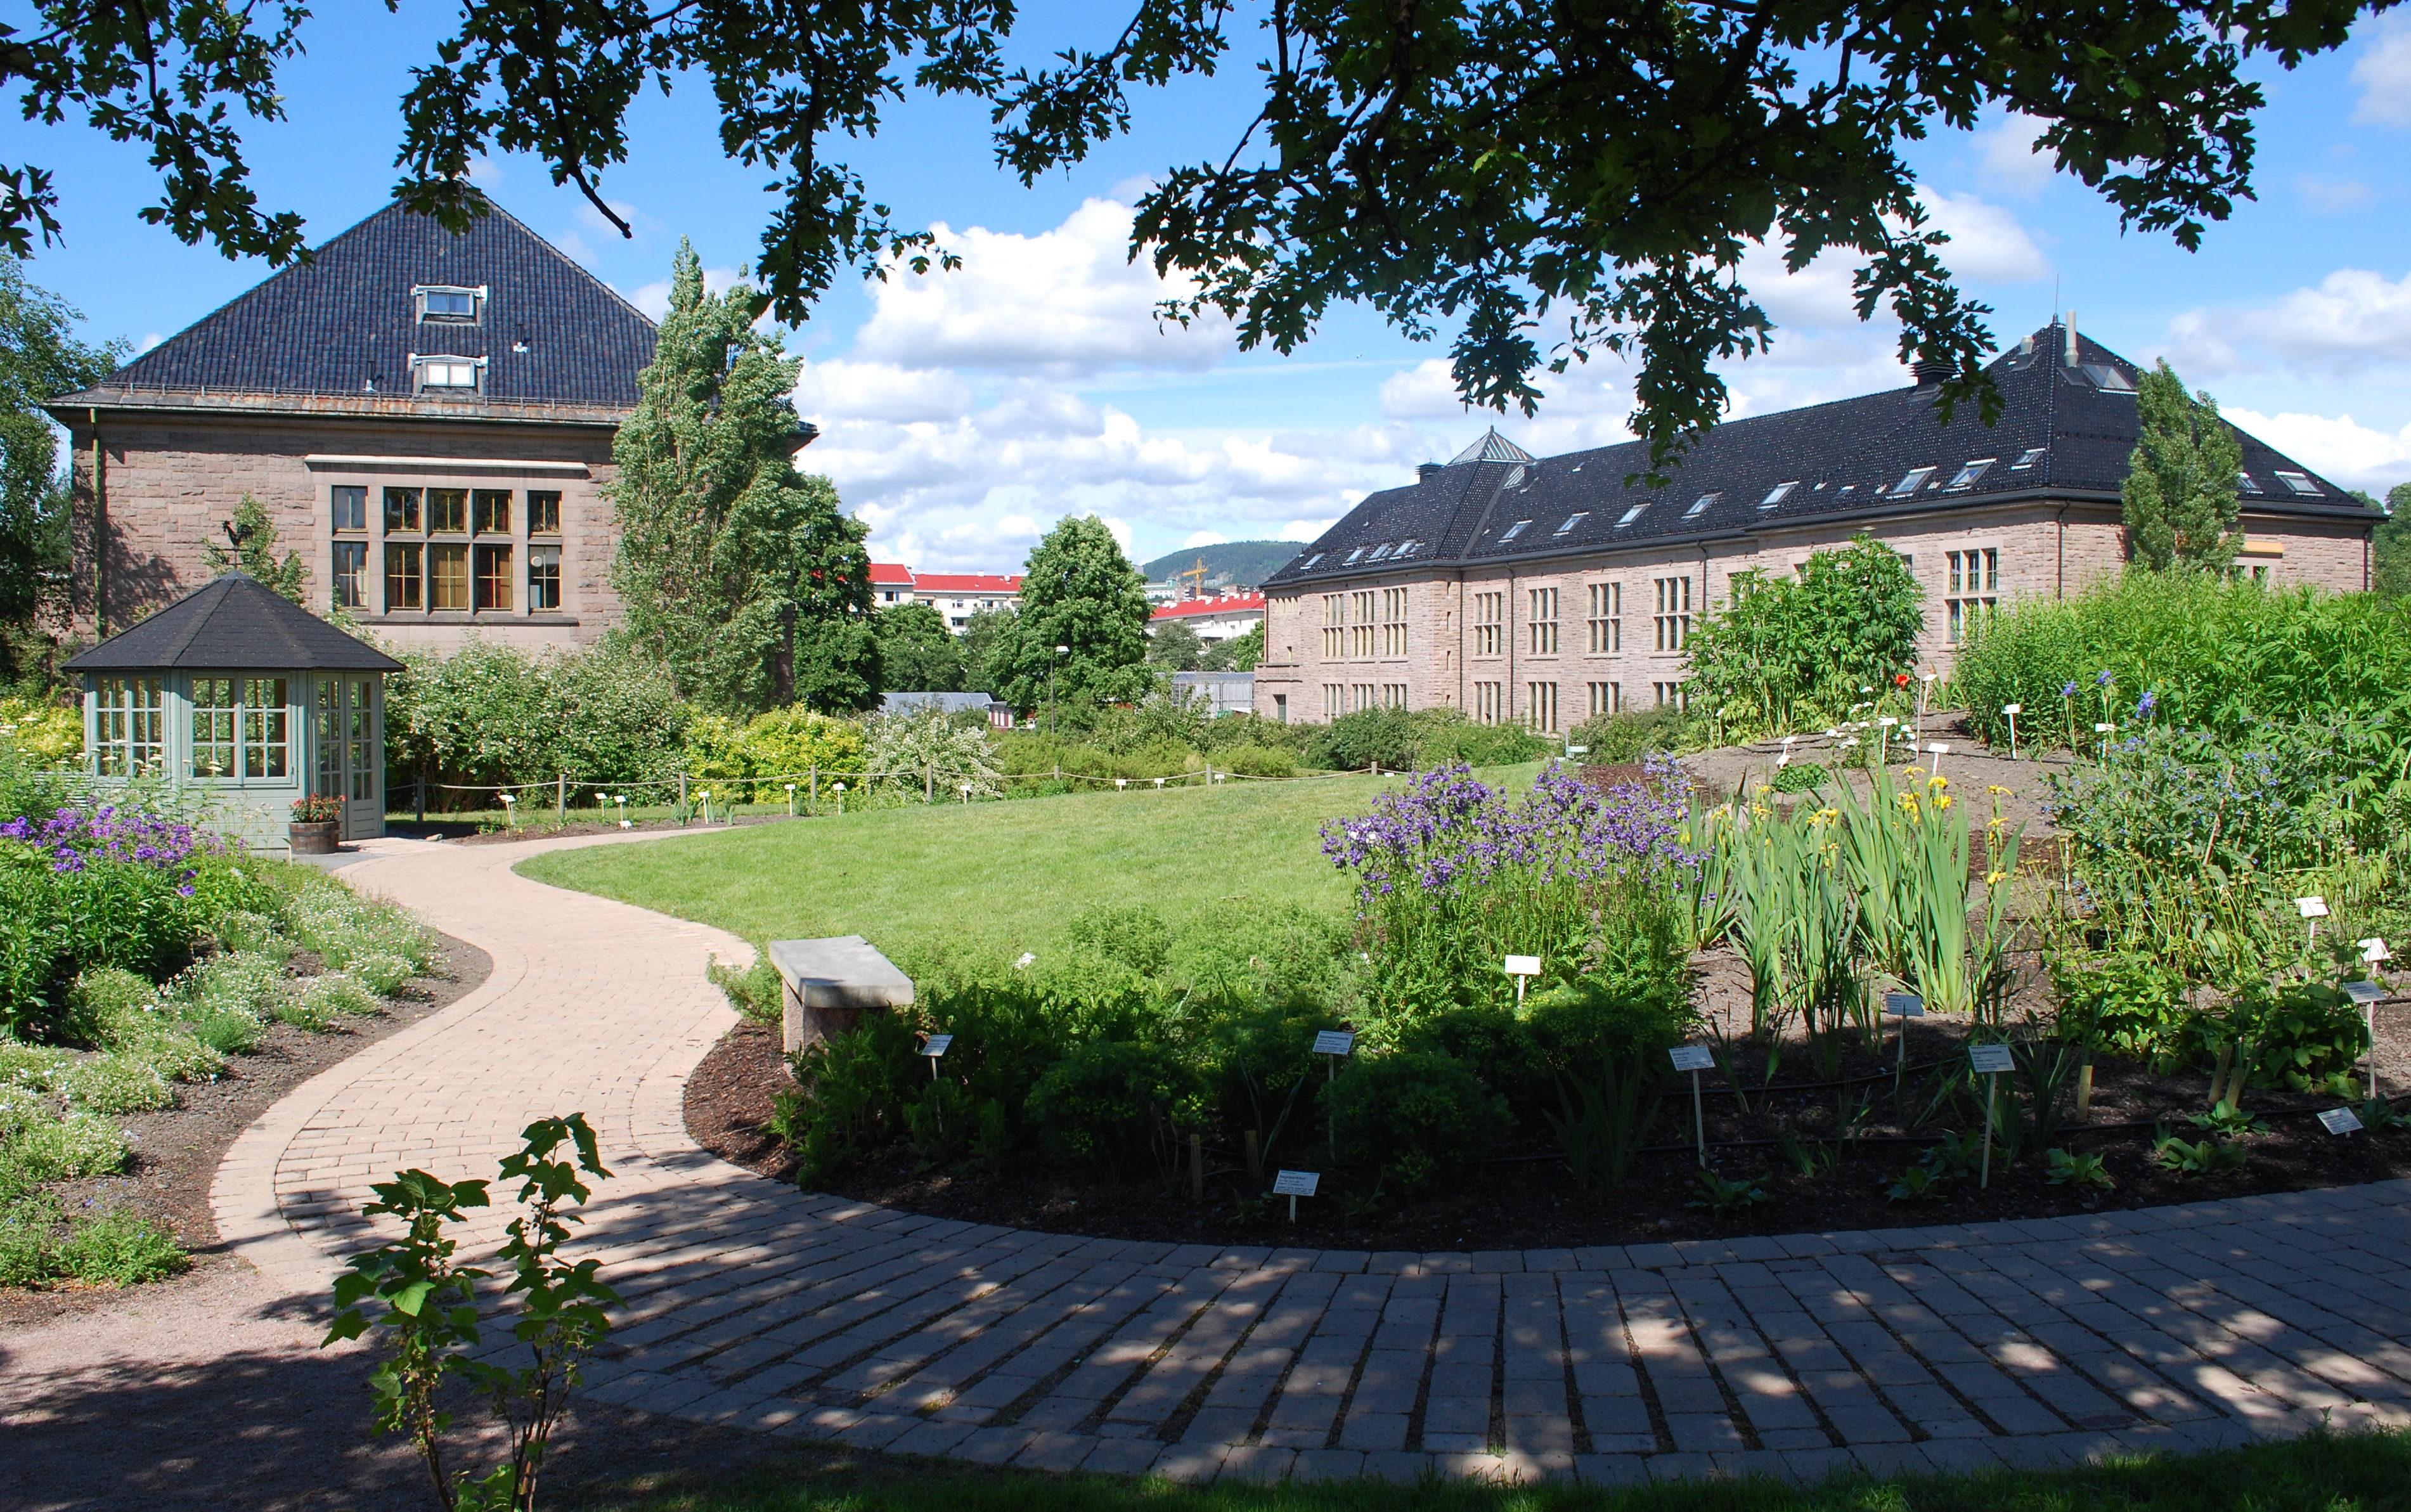 دانشگاه گیاه شناسی در باغ گیاه شناسی ترومسو